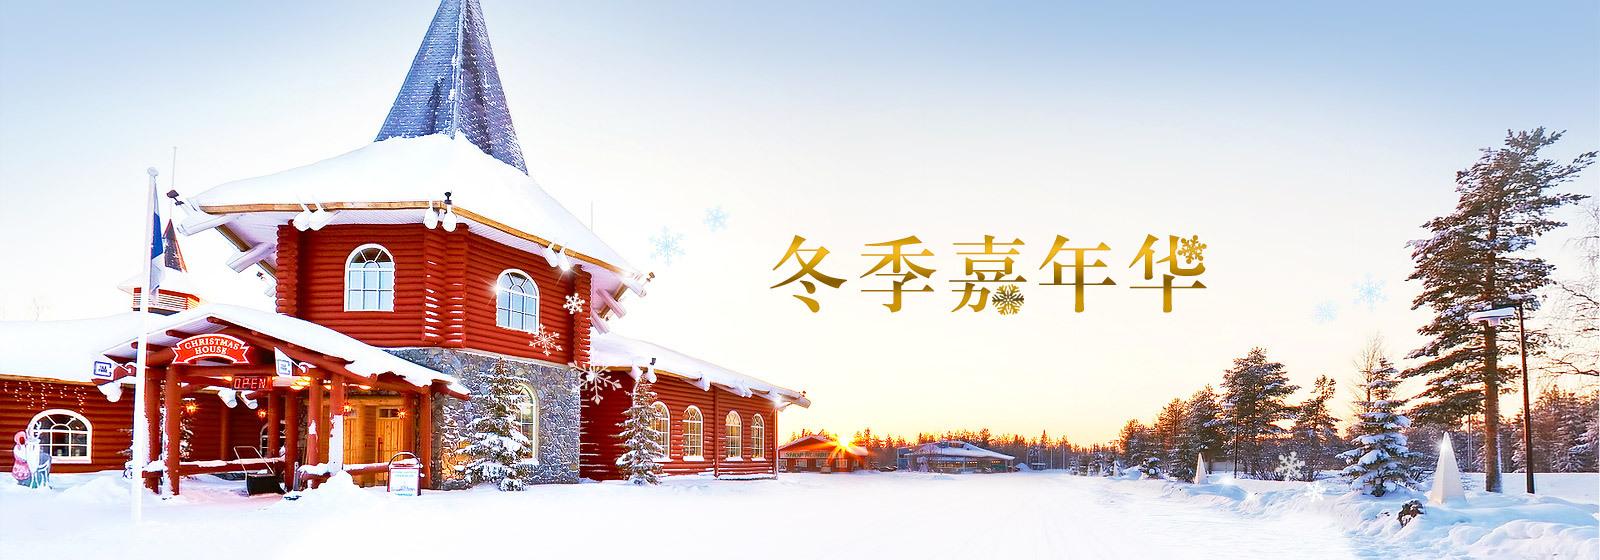 冬季嘉年华